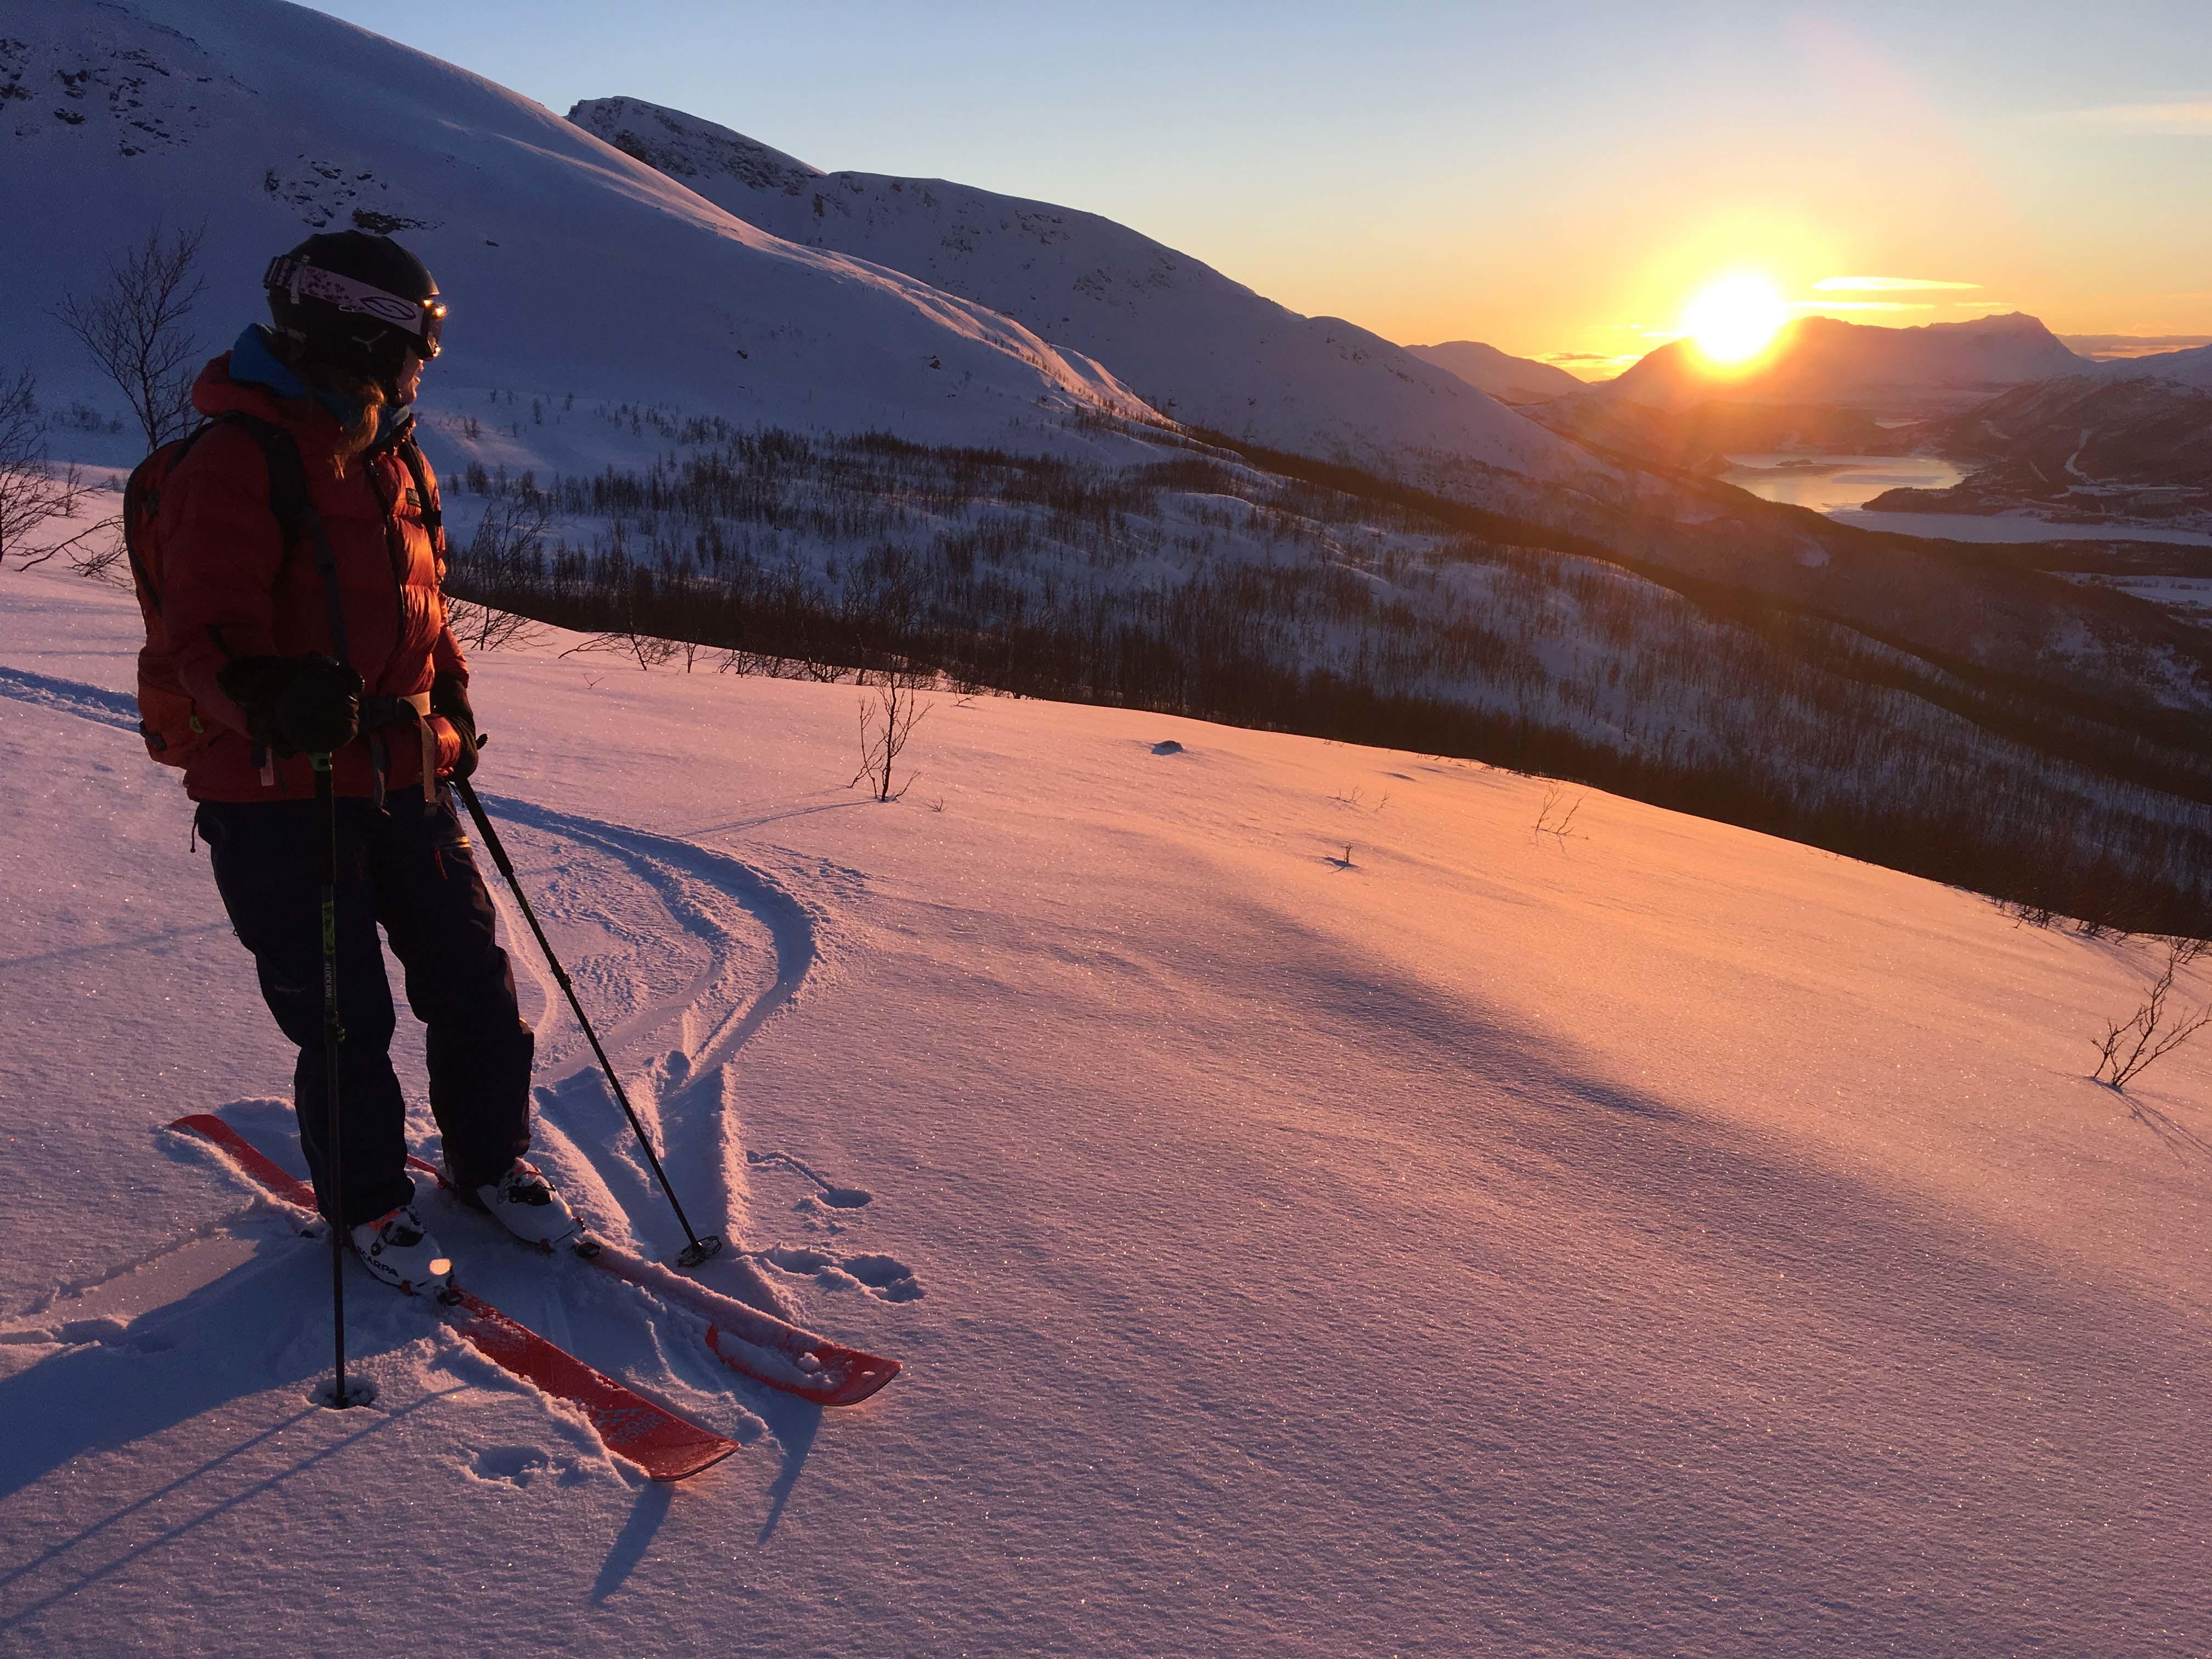 Lege på skitur